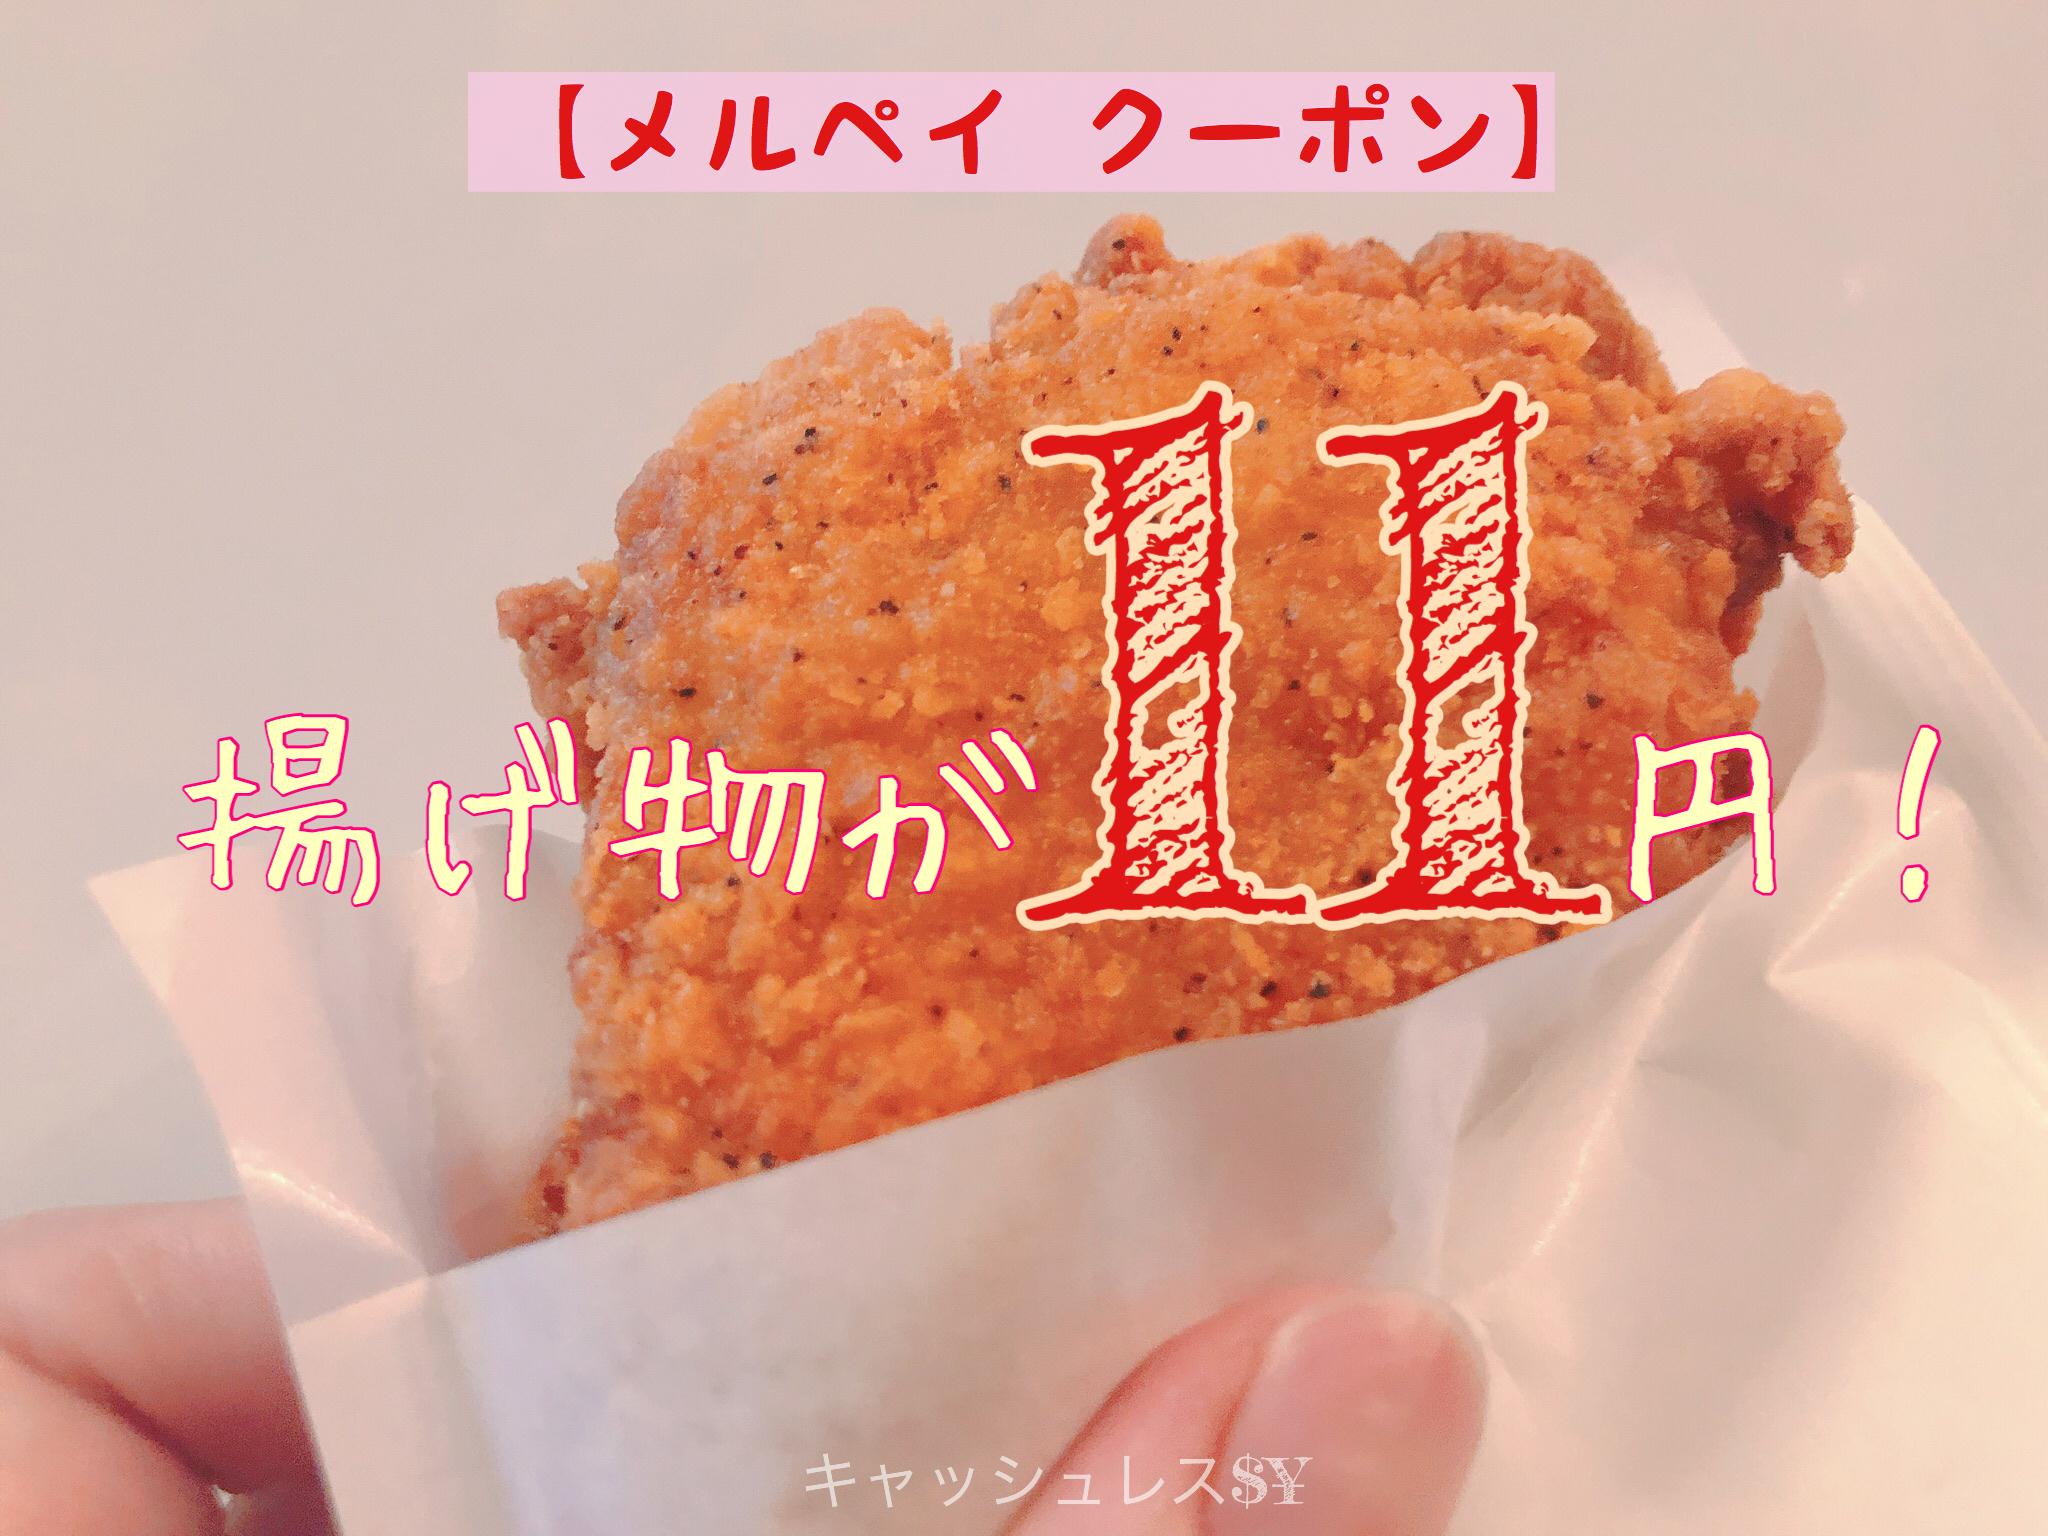 【メルペイ セブンイレブンクーポン】揚げ物11円